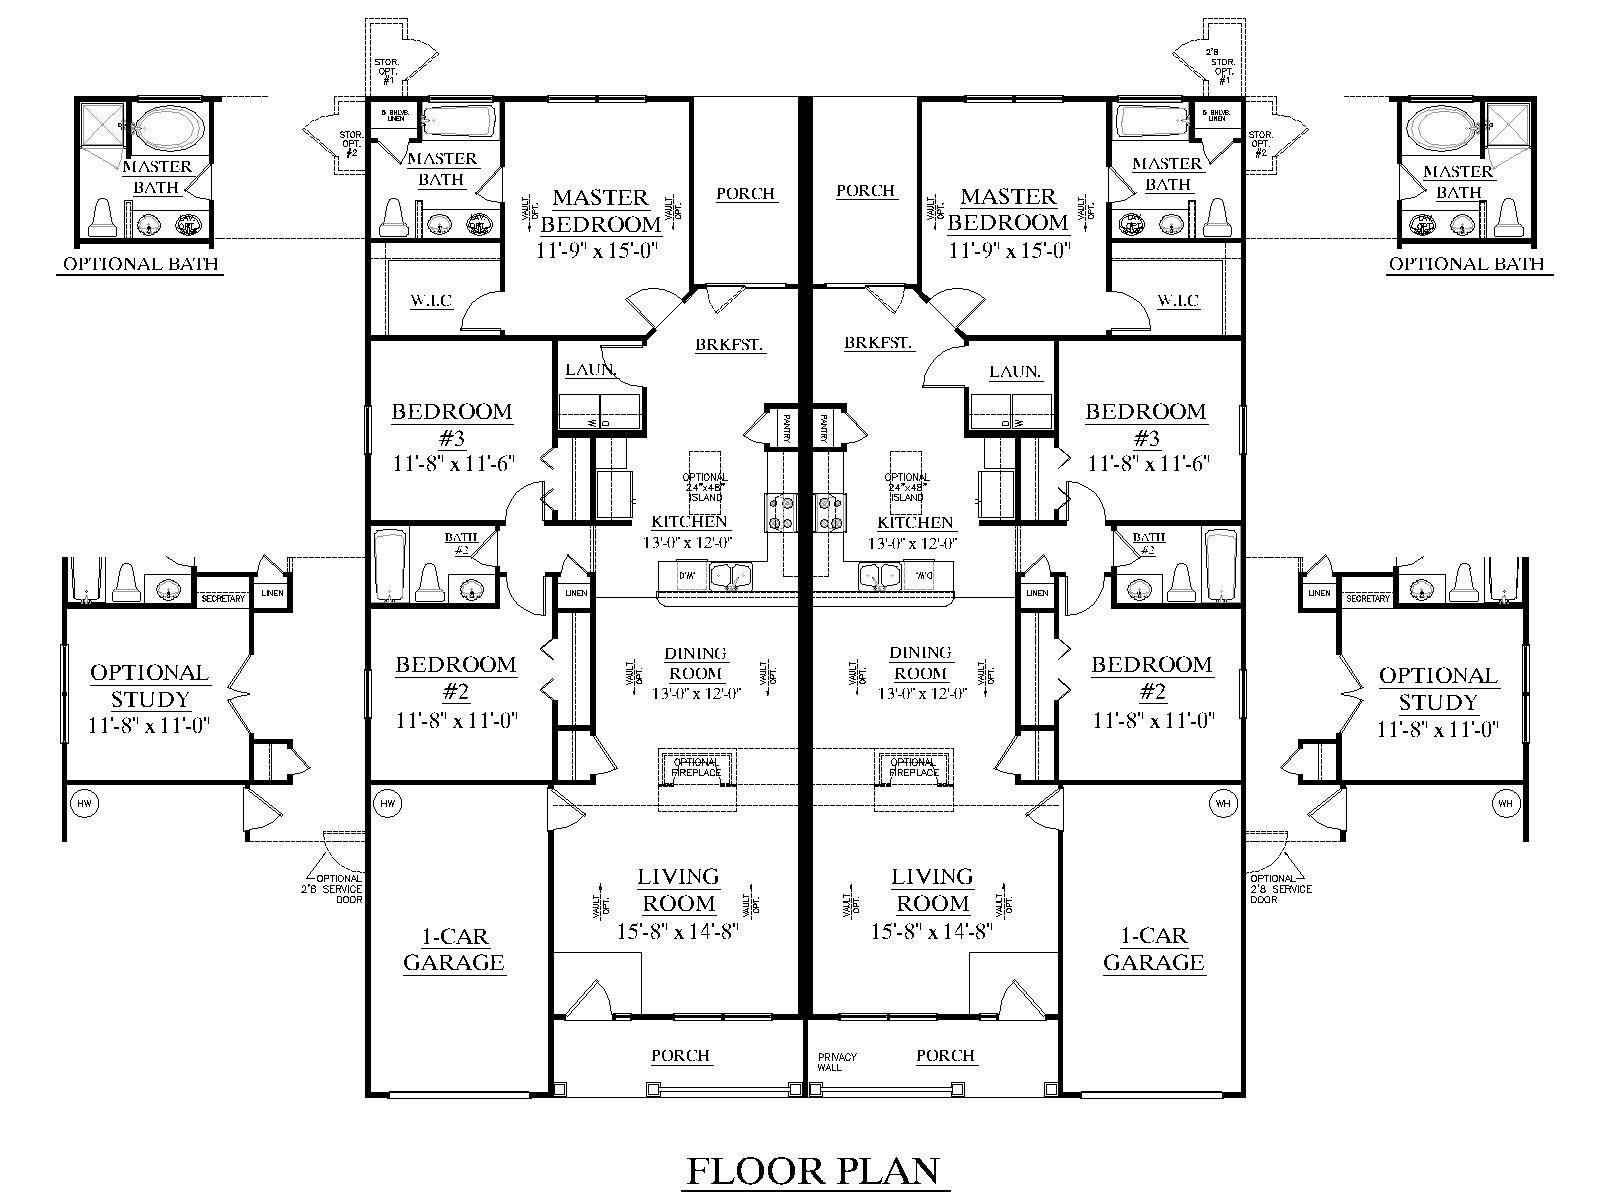 3 bedroom duplex floor plans duplex plan 1392 a [ 1600 x 1200 Pixel ]